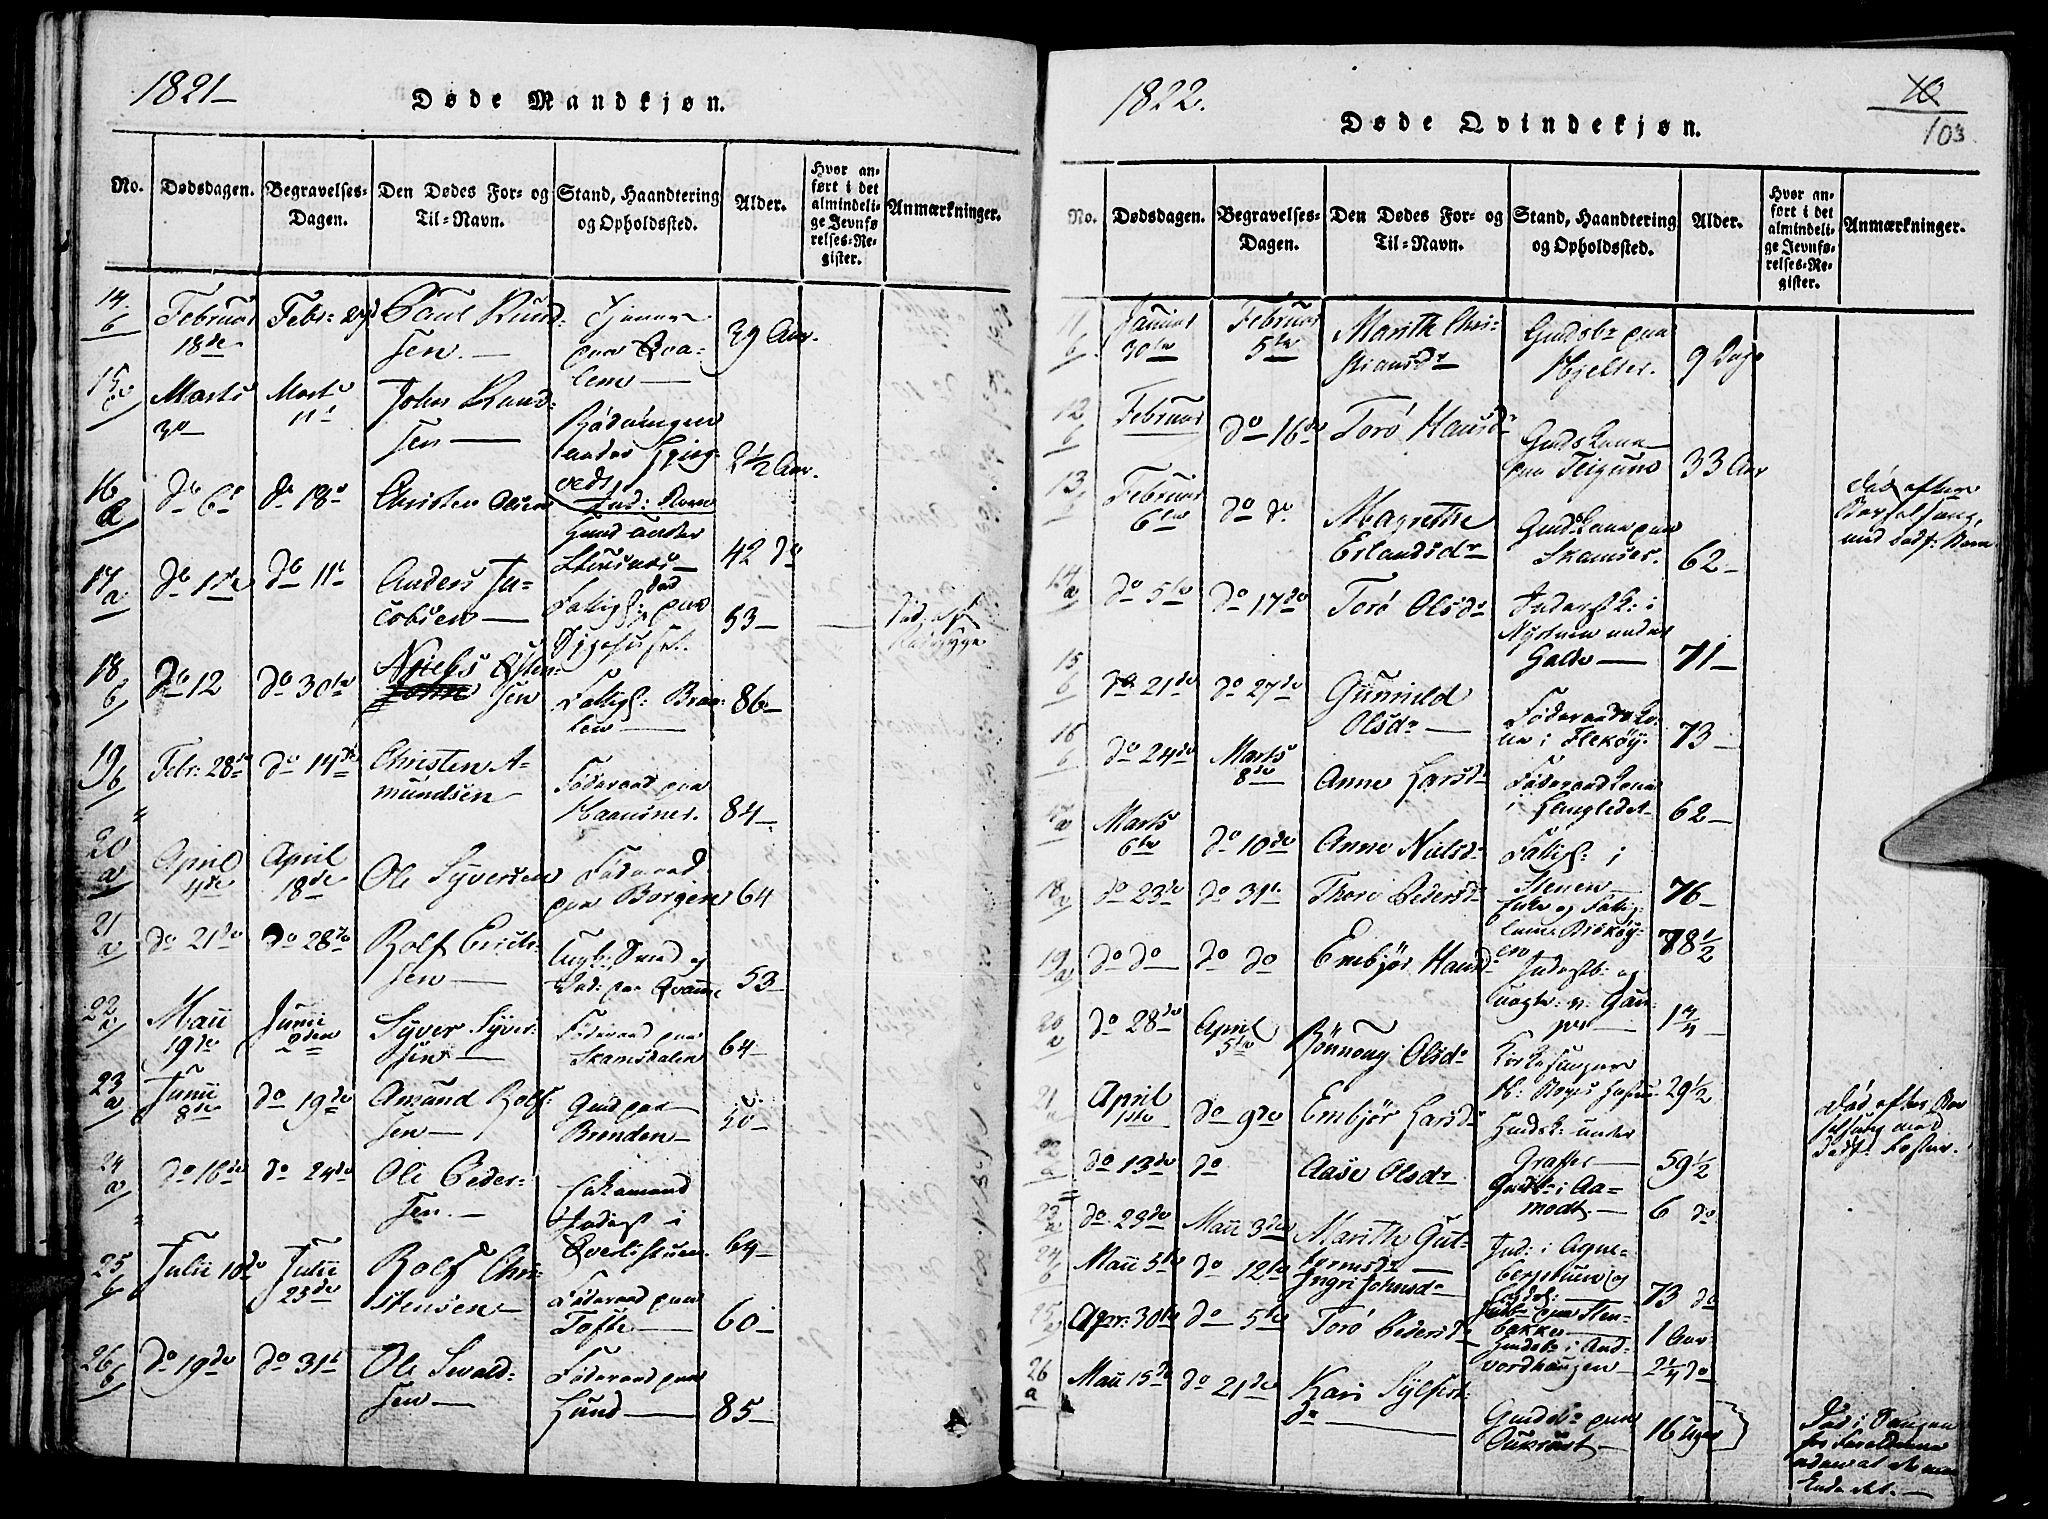 SAH, Lom prestekontor, K/L0004: Ministerialbok nr. 4, 1815-1825, s. 103